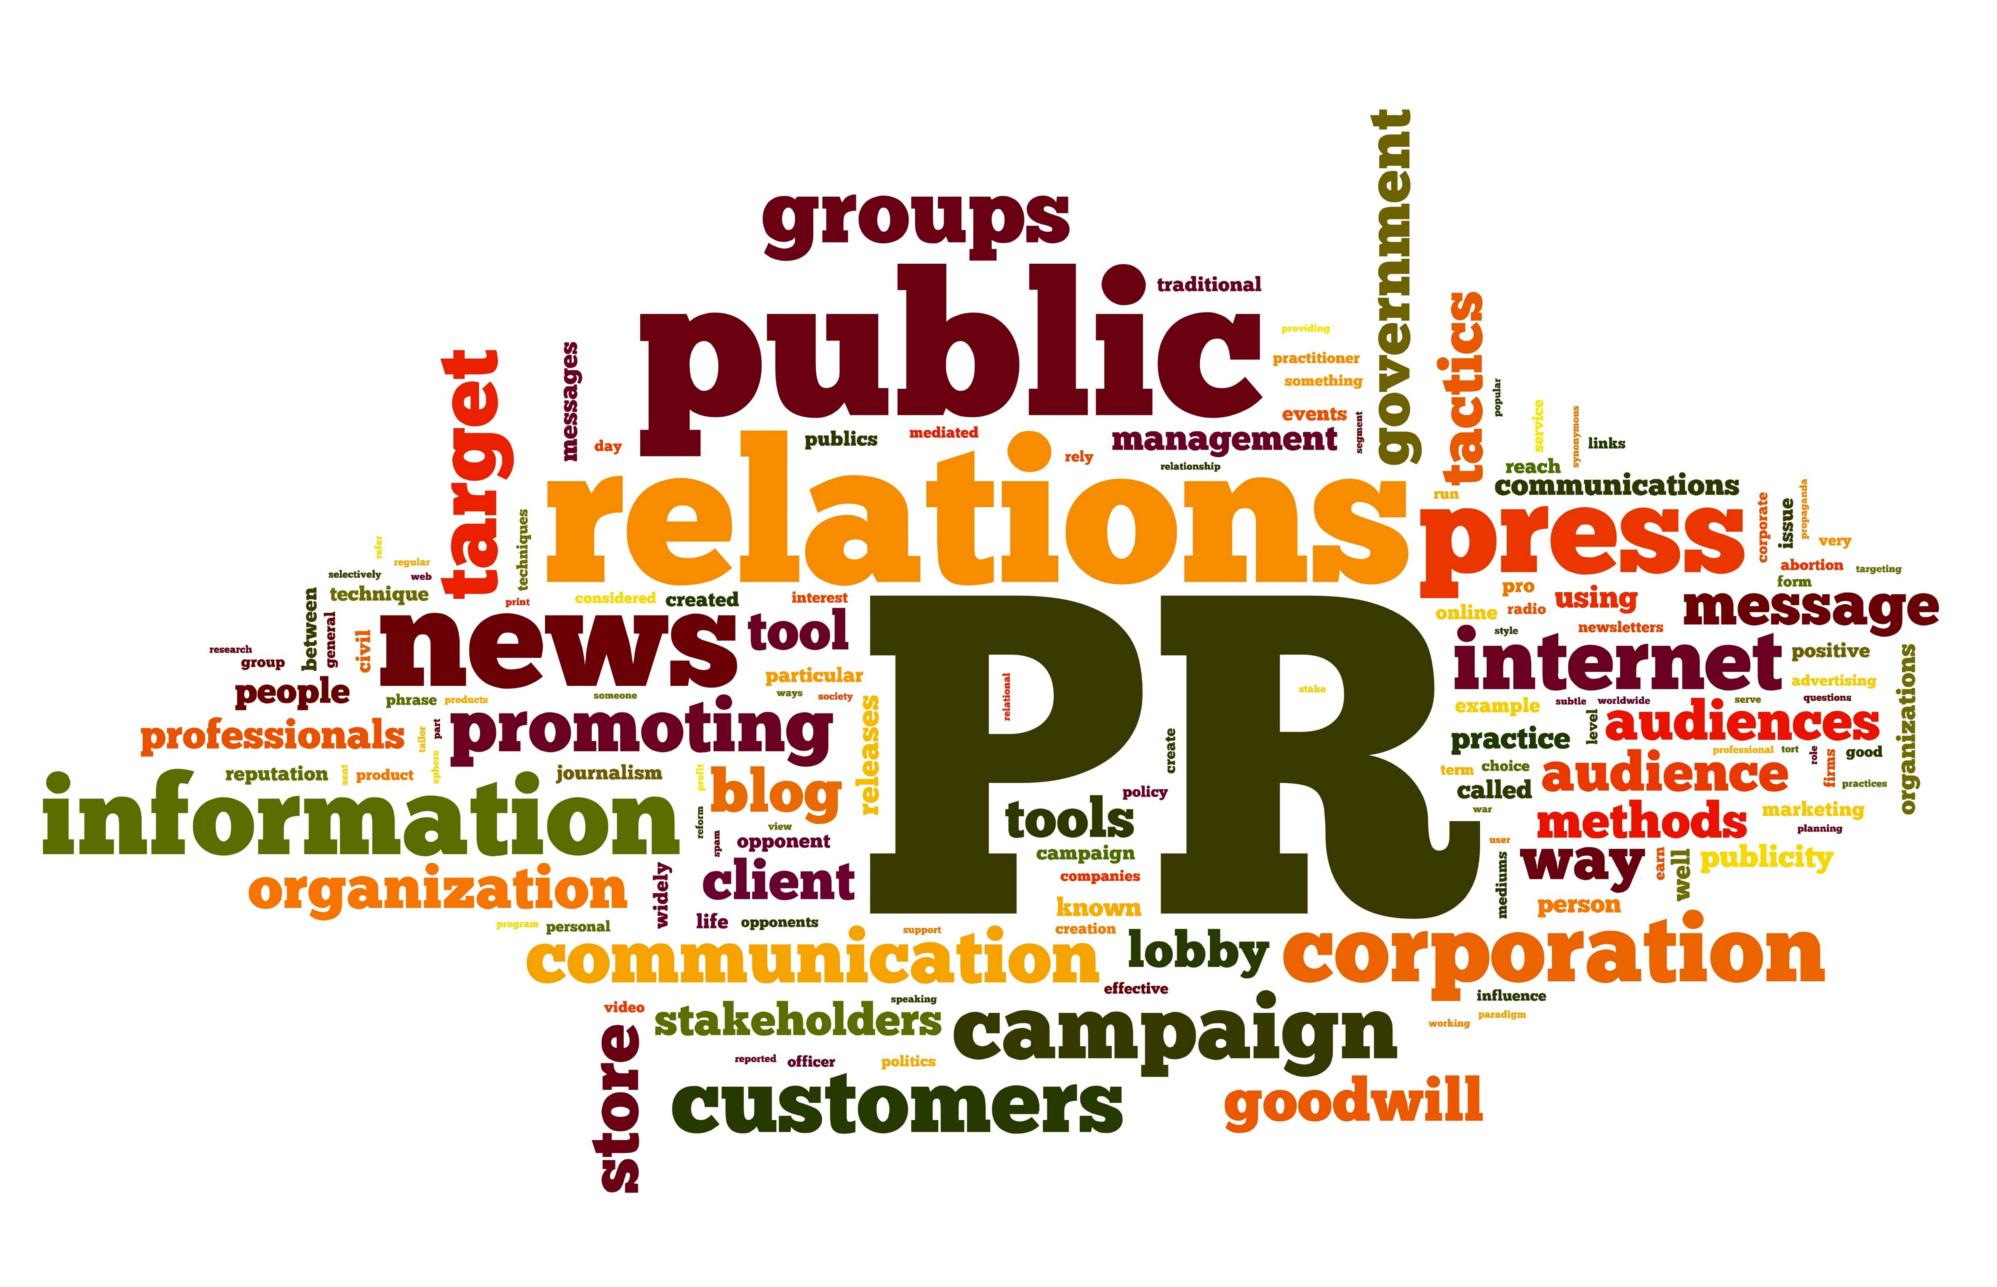 PR, Public Relations